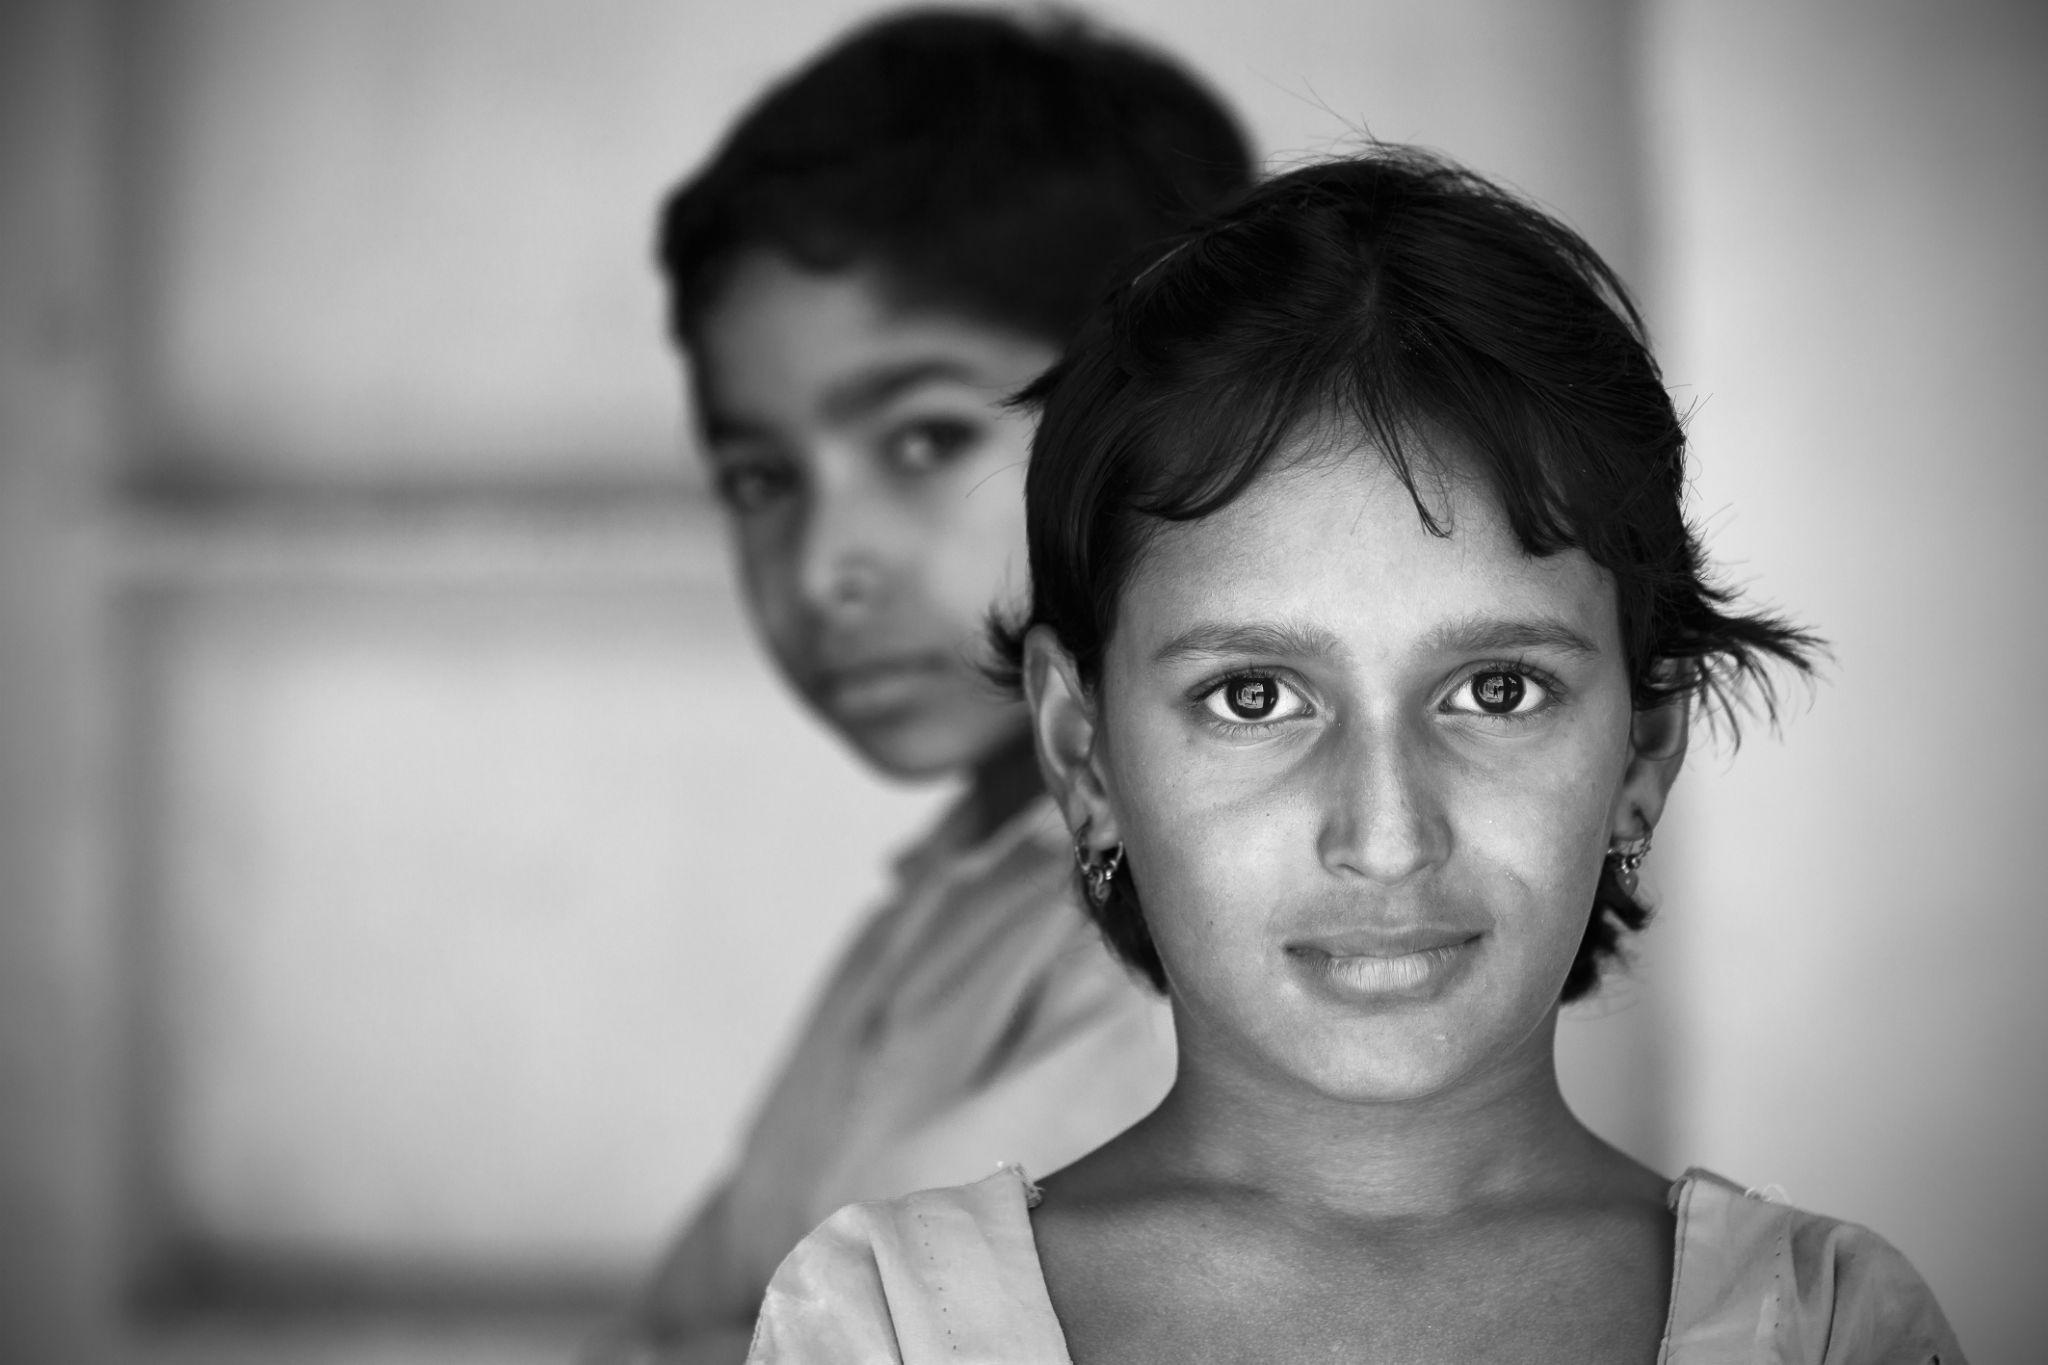 Indian Girl by Stilfoto